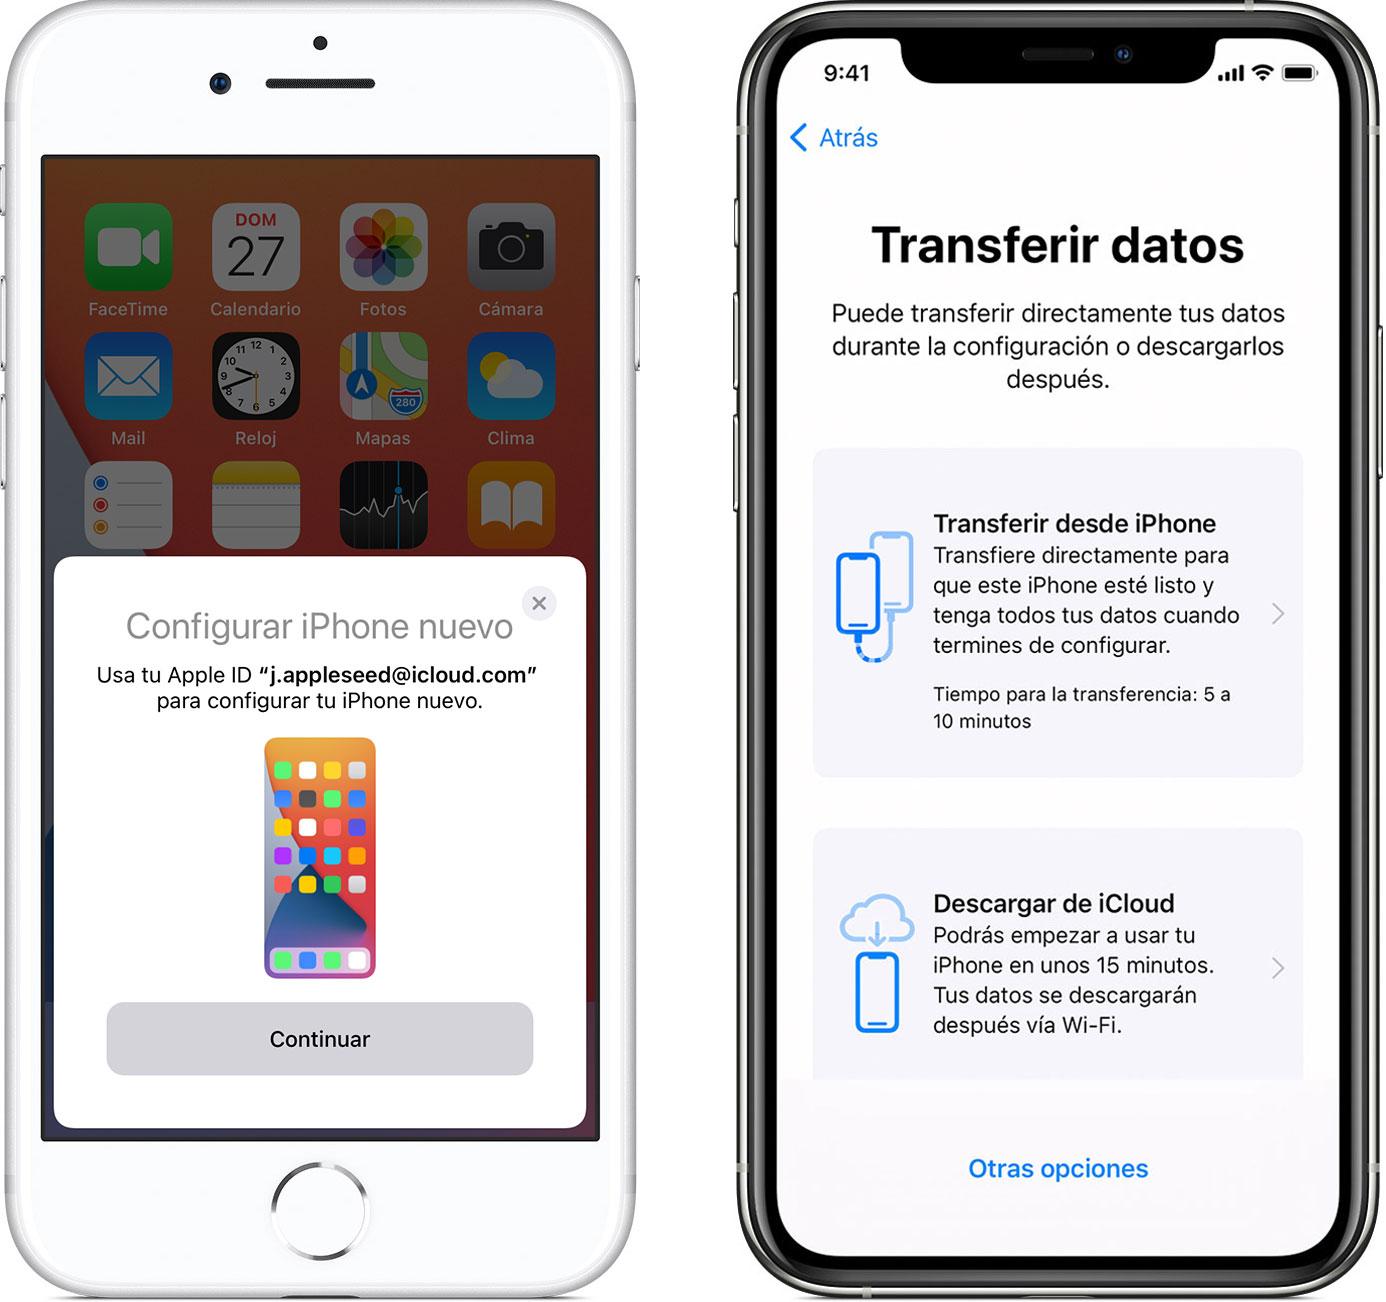 Inicio rápido o Quick Start para transferir o copiar datos de un iPhone viejo a uno nuevo